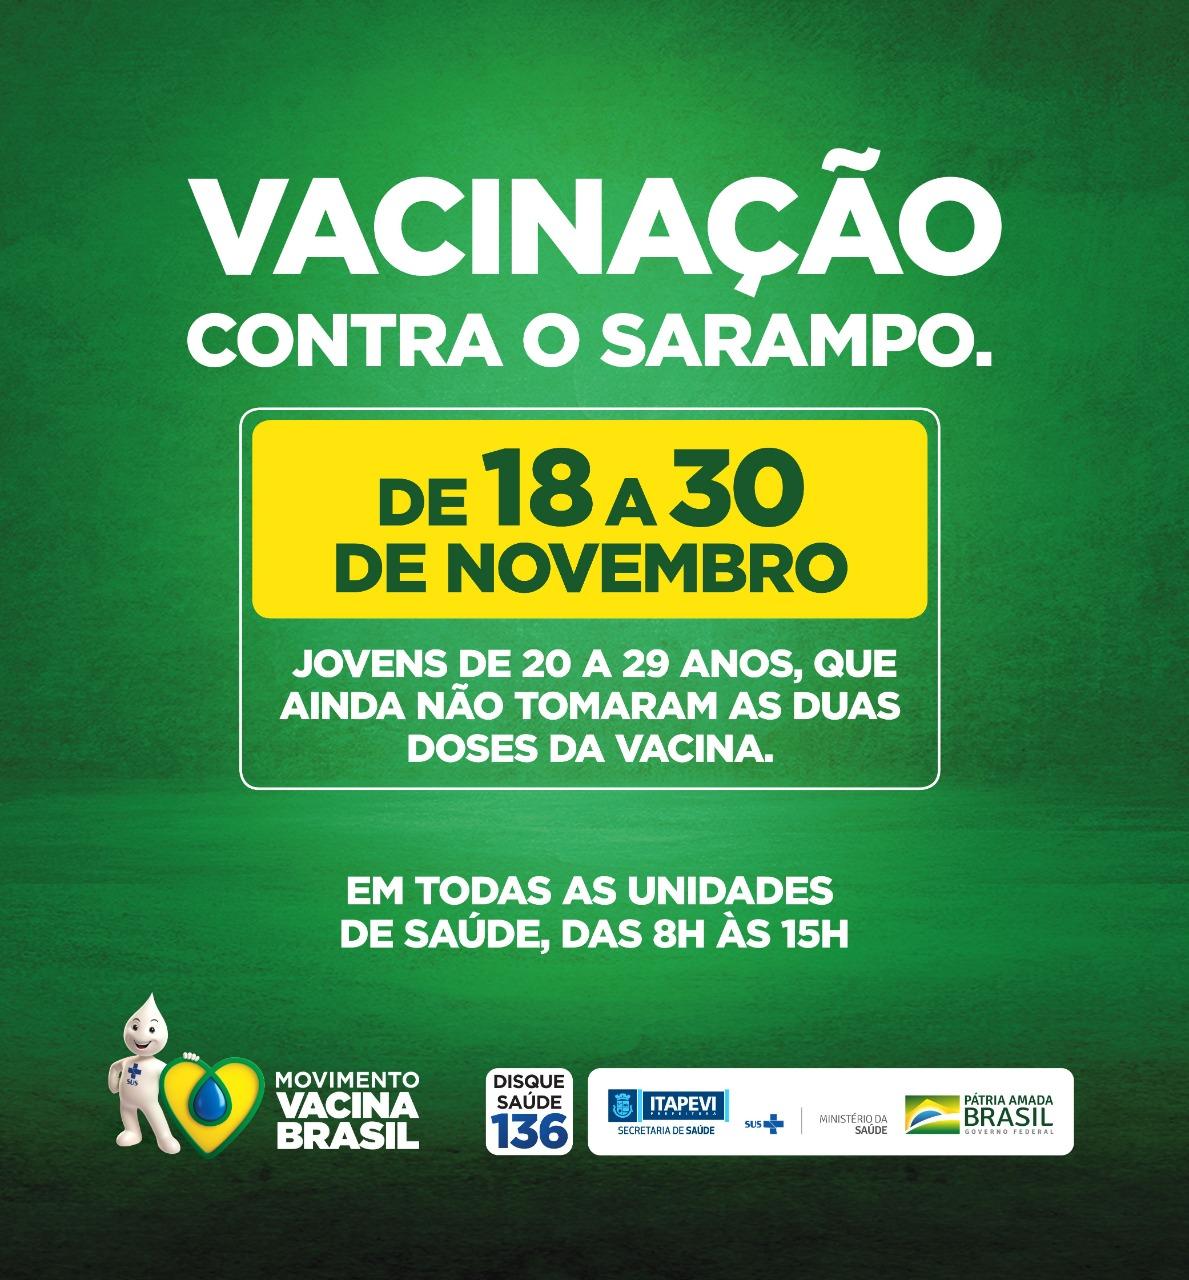 Itapevi inicia campanha contra sarampo para jovens de 20 a 29 anos - Agência Itapevi